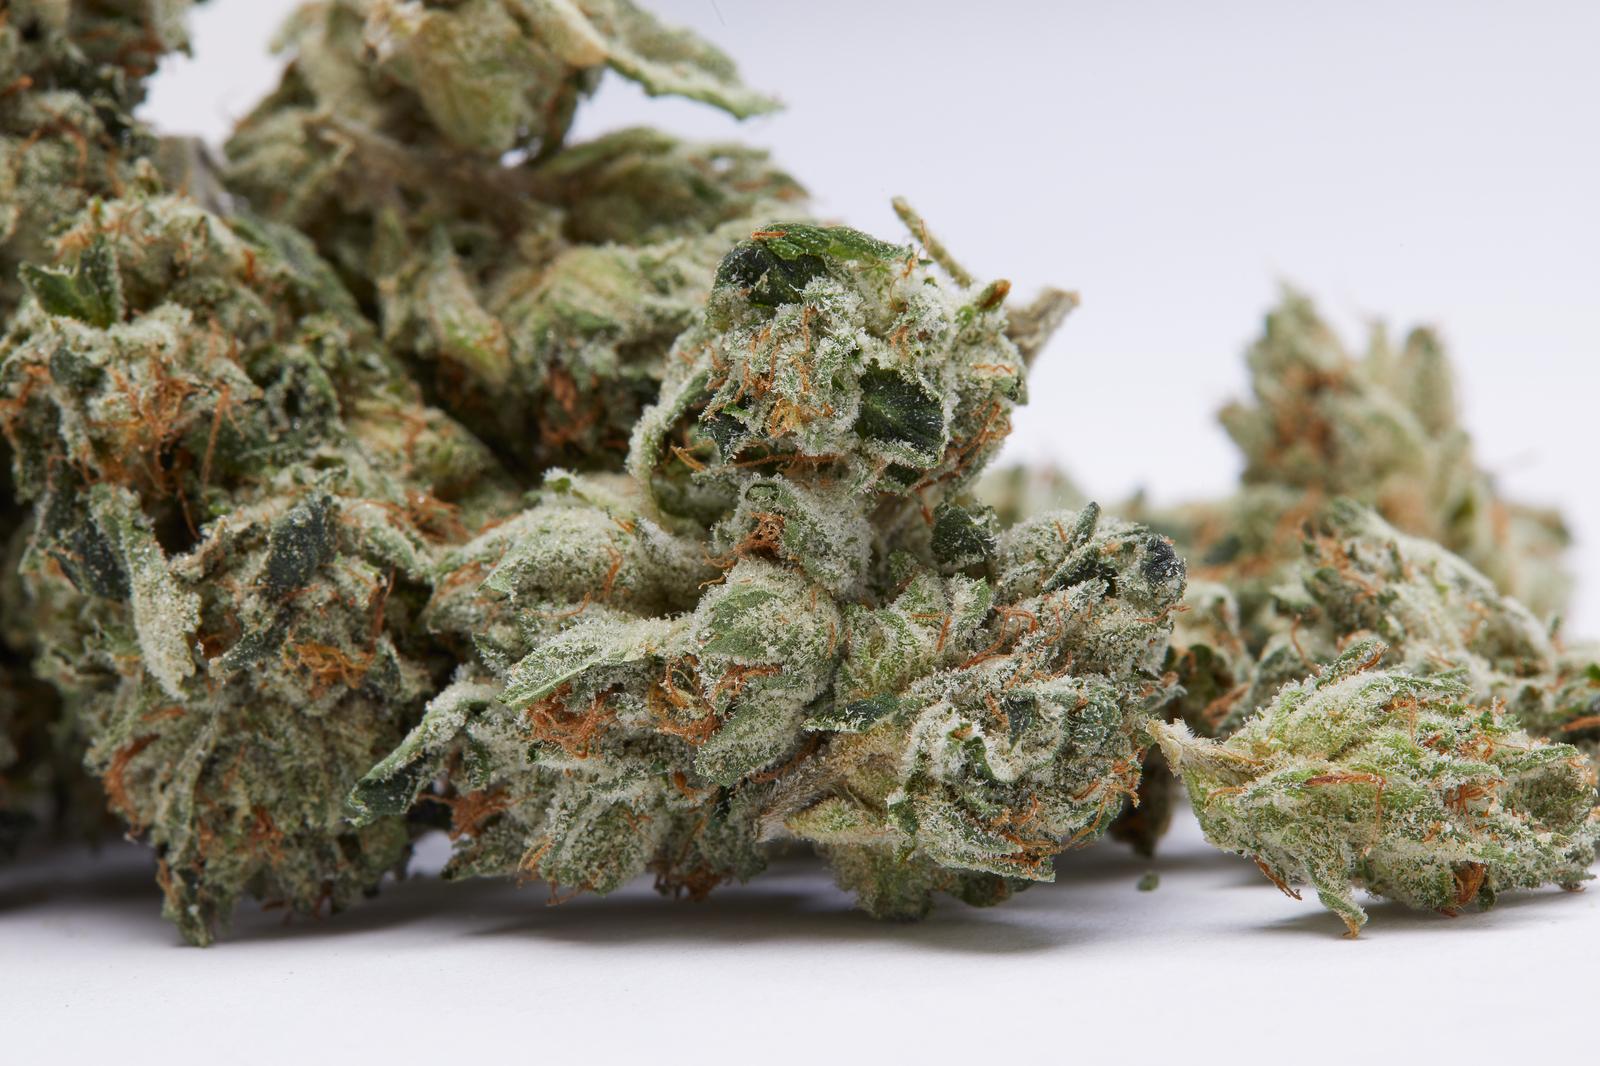 rosin tech weed nugs